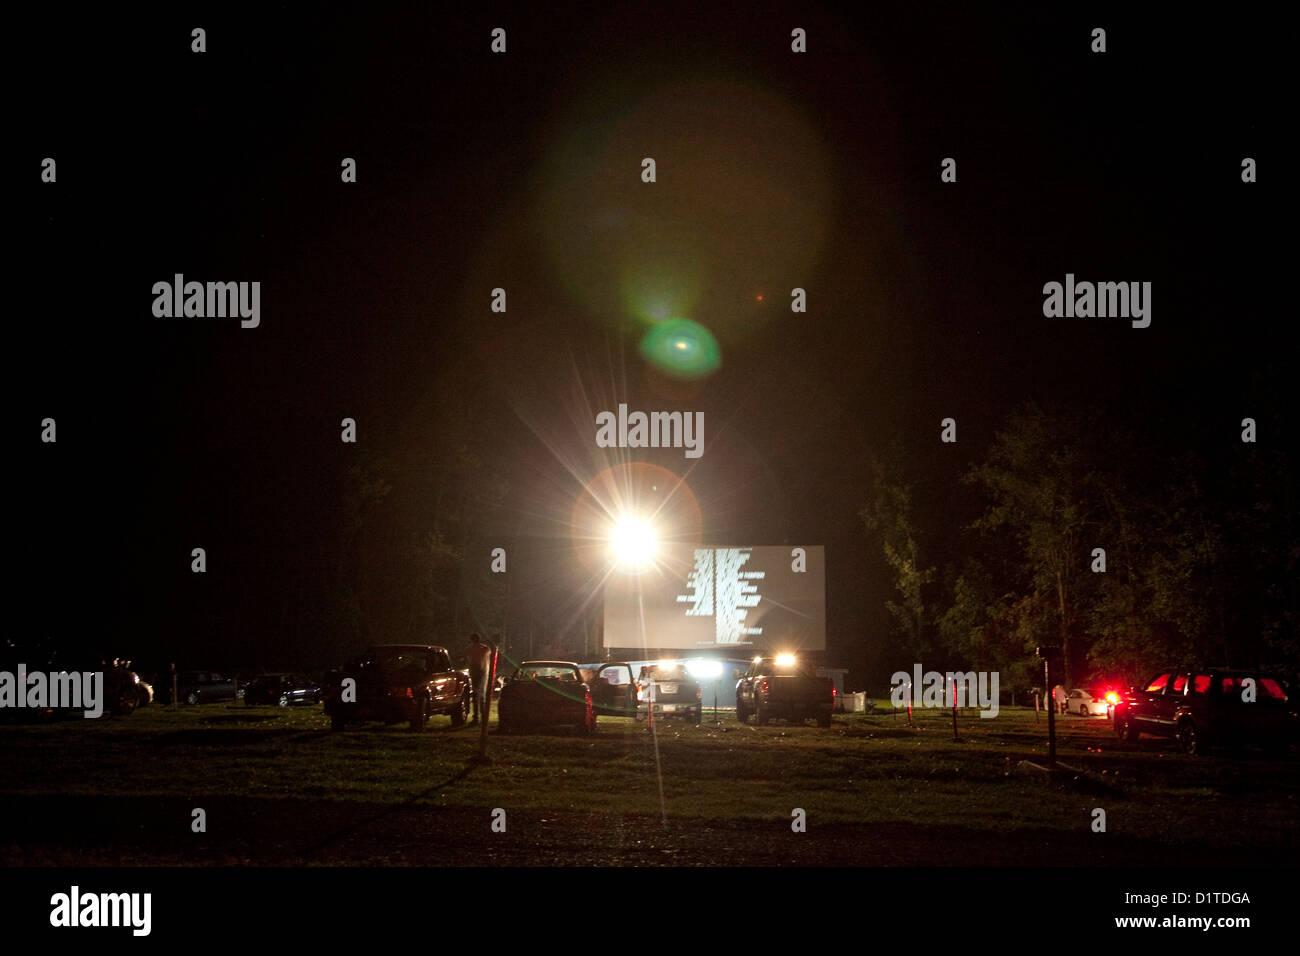 Nachtansicht der Abspann bei einer Fahrt im Film. Fahrzeuge abgestellt in Front, Lens Flare glänzt in Richtung Stockbild